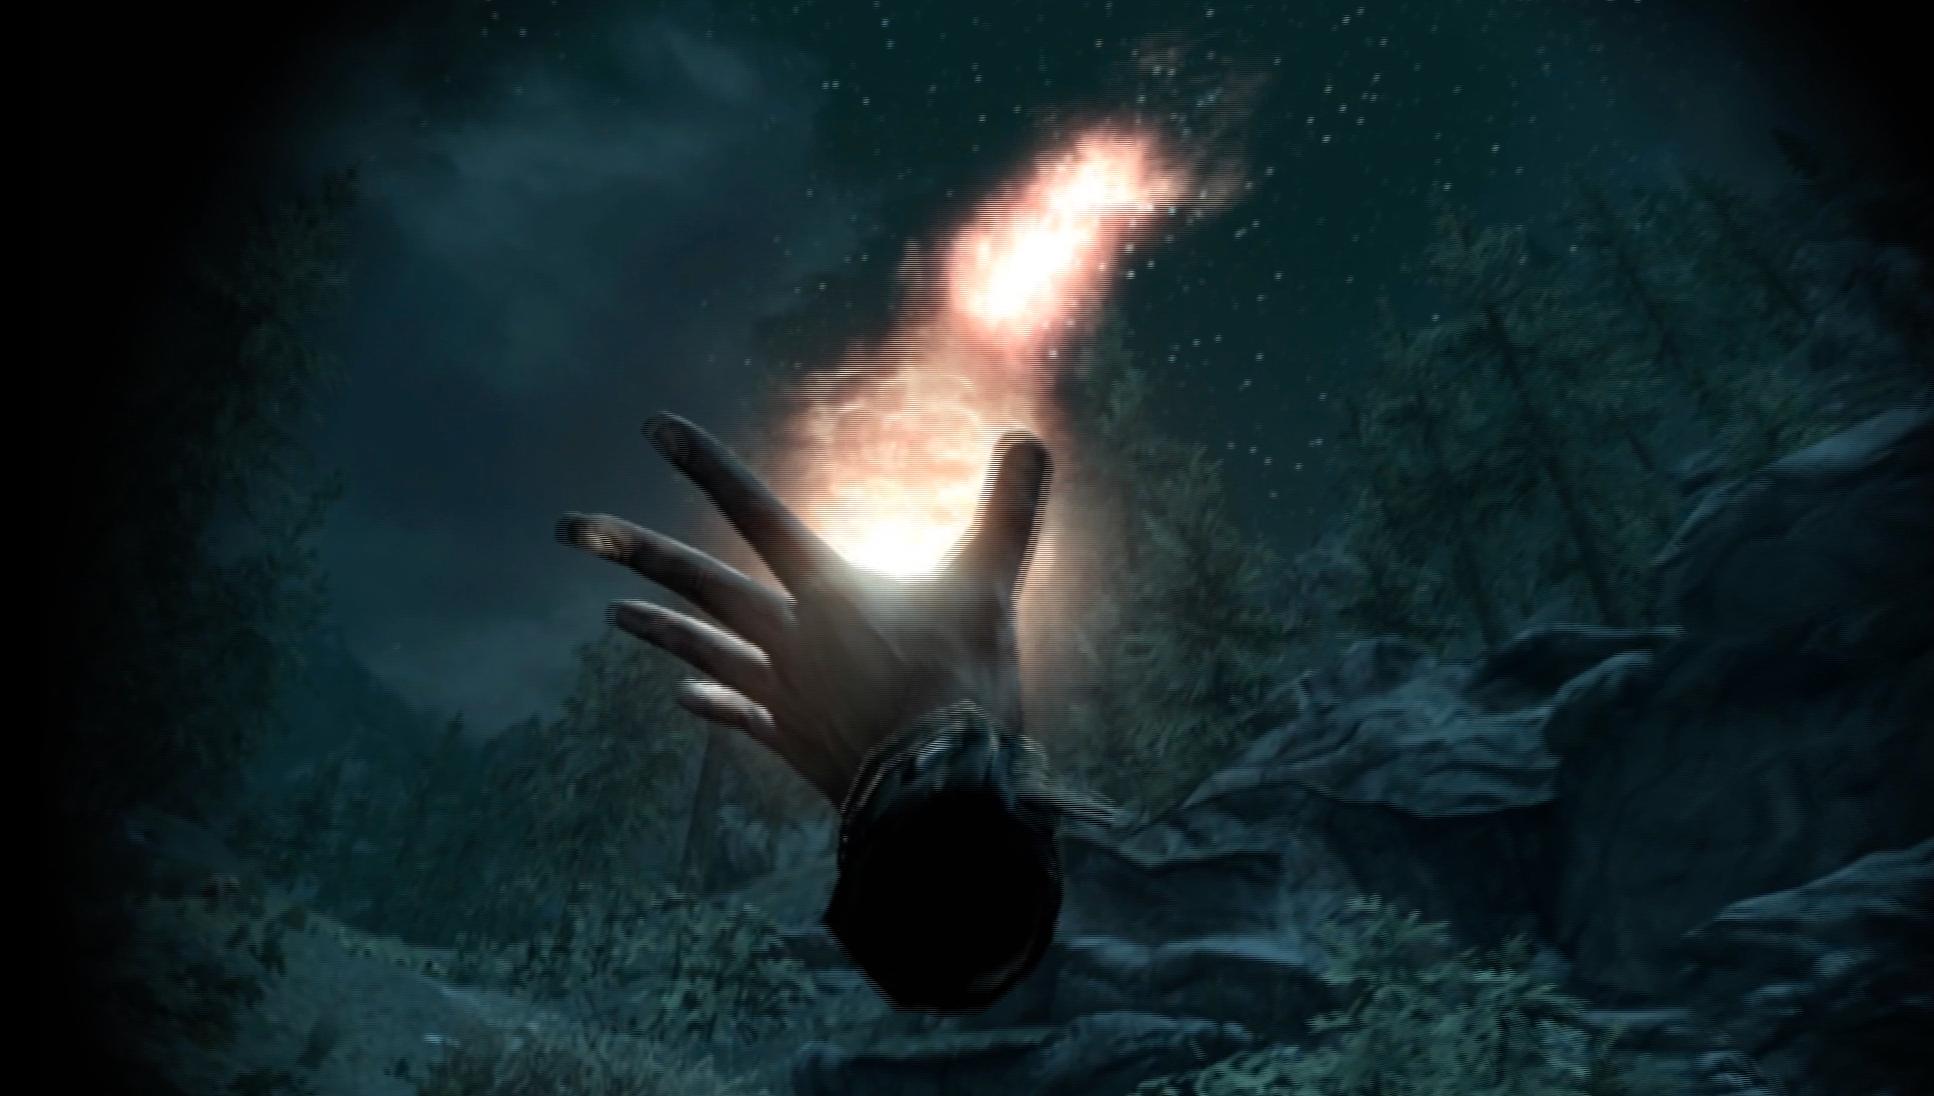 Nytt i VR er muligheten til å kaste magi i alle retninger. Det er praktisk for kontinuerlig magi (for eksempel Flames), men kan være vanskelig å sikte for prosjektilbasert magi (for eksempel Firebolt). Bilde: Stein Jarle Olsen, Tek.no